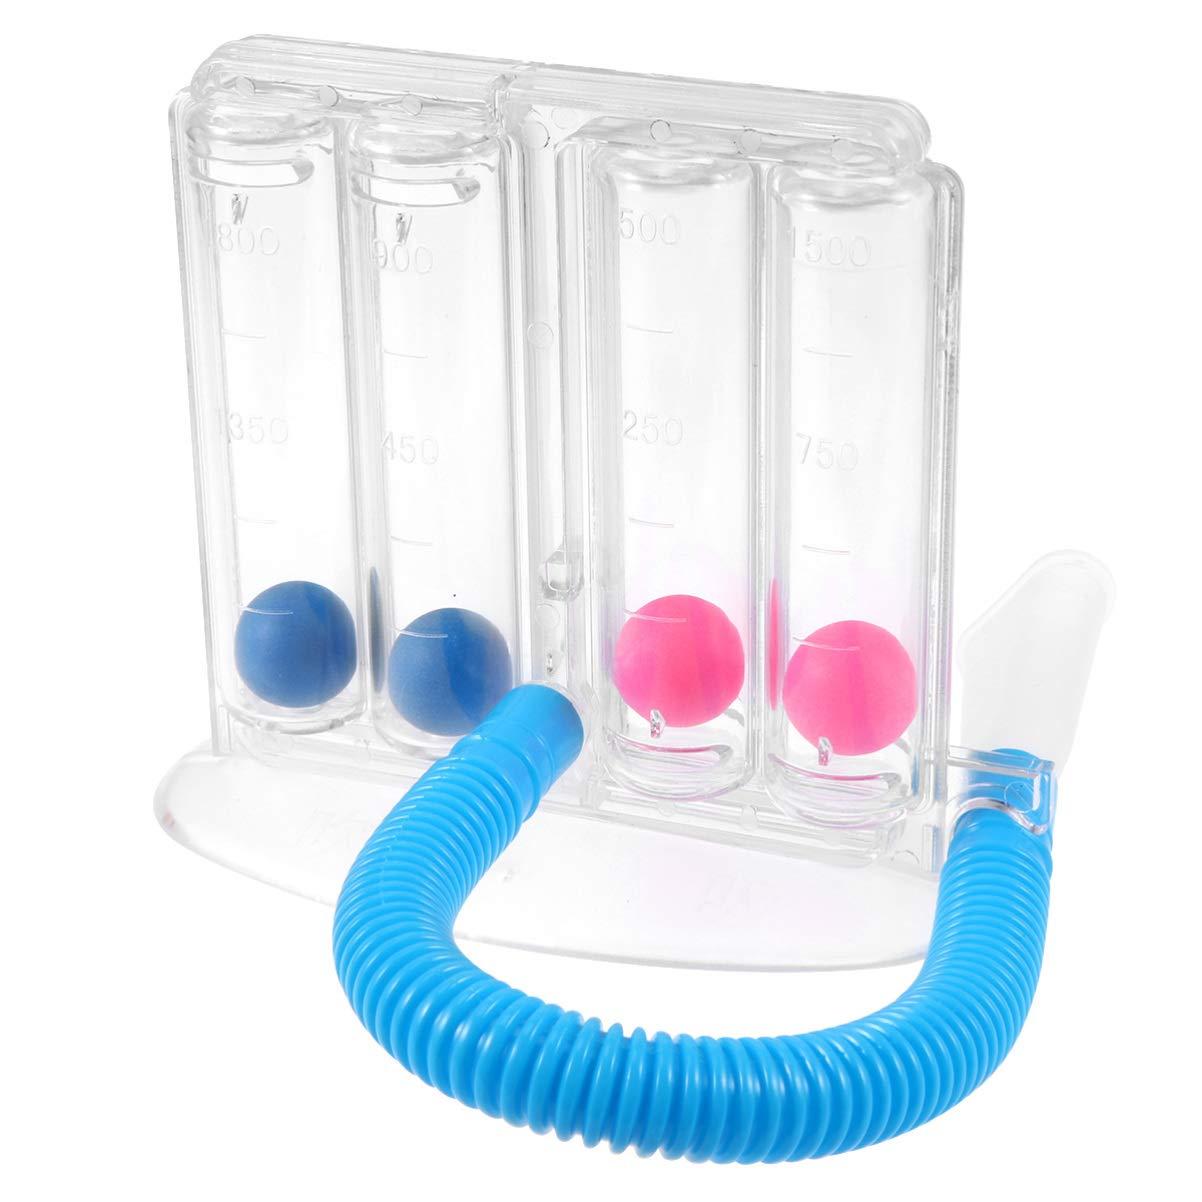 iplusmile Dispositivo de Ejercicio de Respiración - Respirador de Pulmón de Respiración Profunda Sistema de Medición de La Respiración de La Bola de Respiración Espirómetro Incentivo